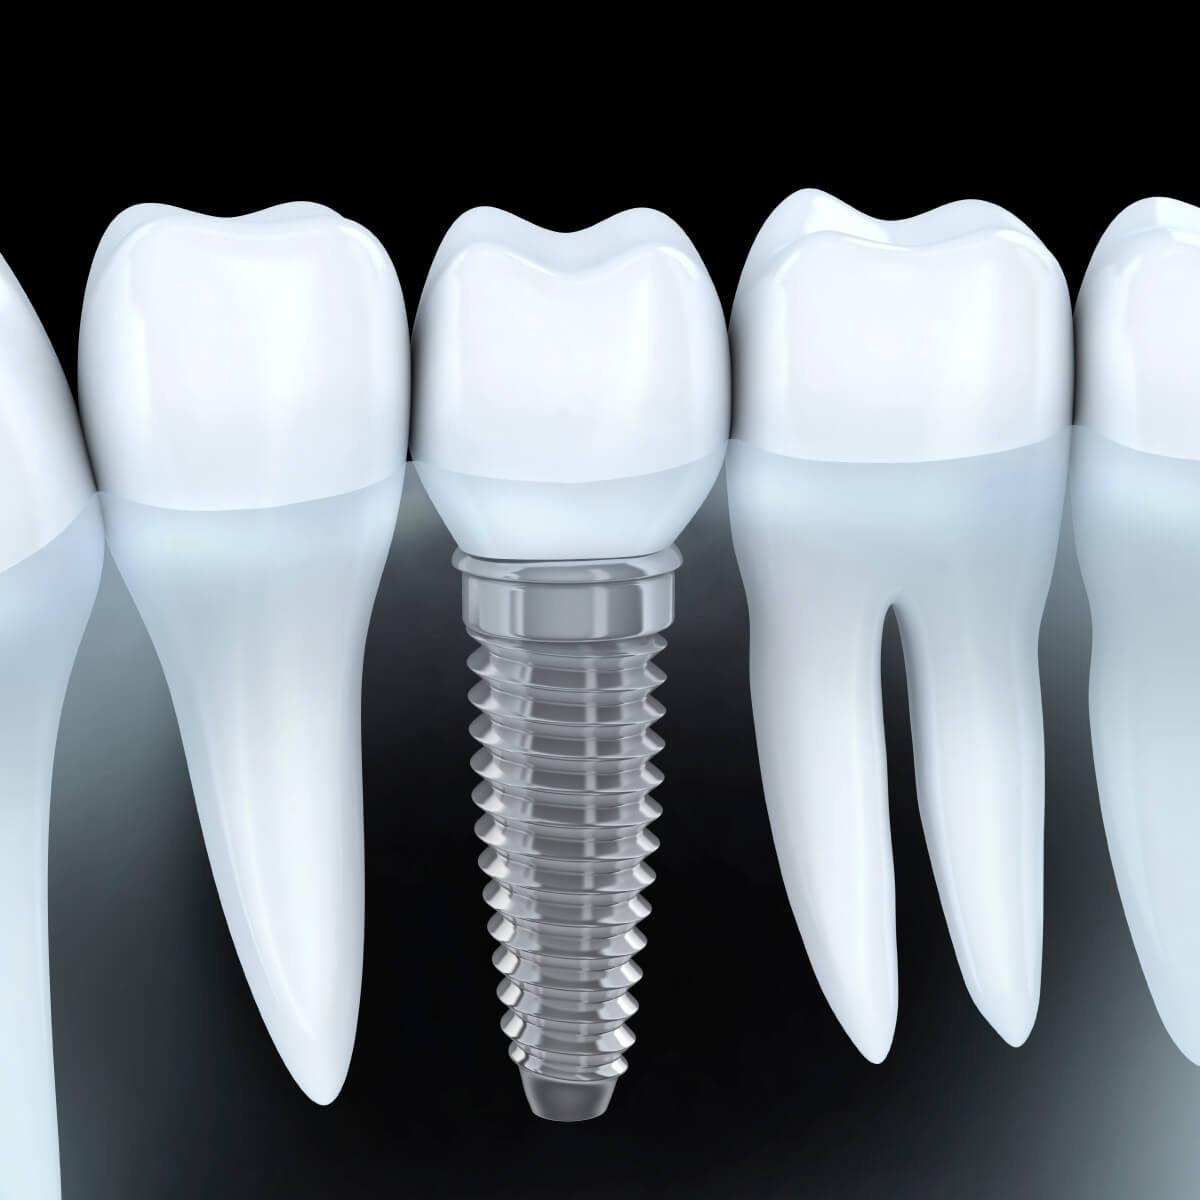 Cấy Ghép Implant tại PHÒNG KHÁM CHUYÊN KHOA RĂNG HÀM MẶT DR.LEE